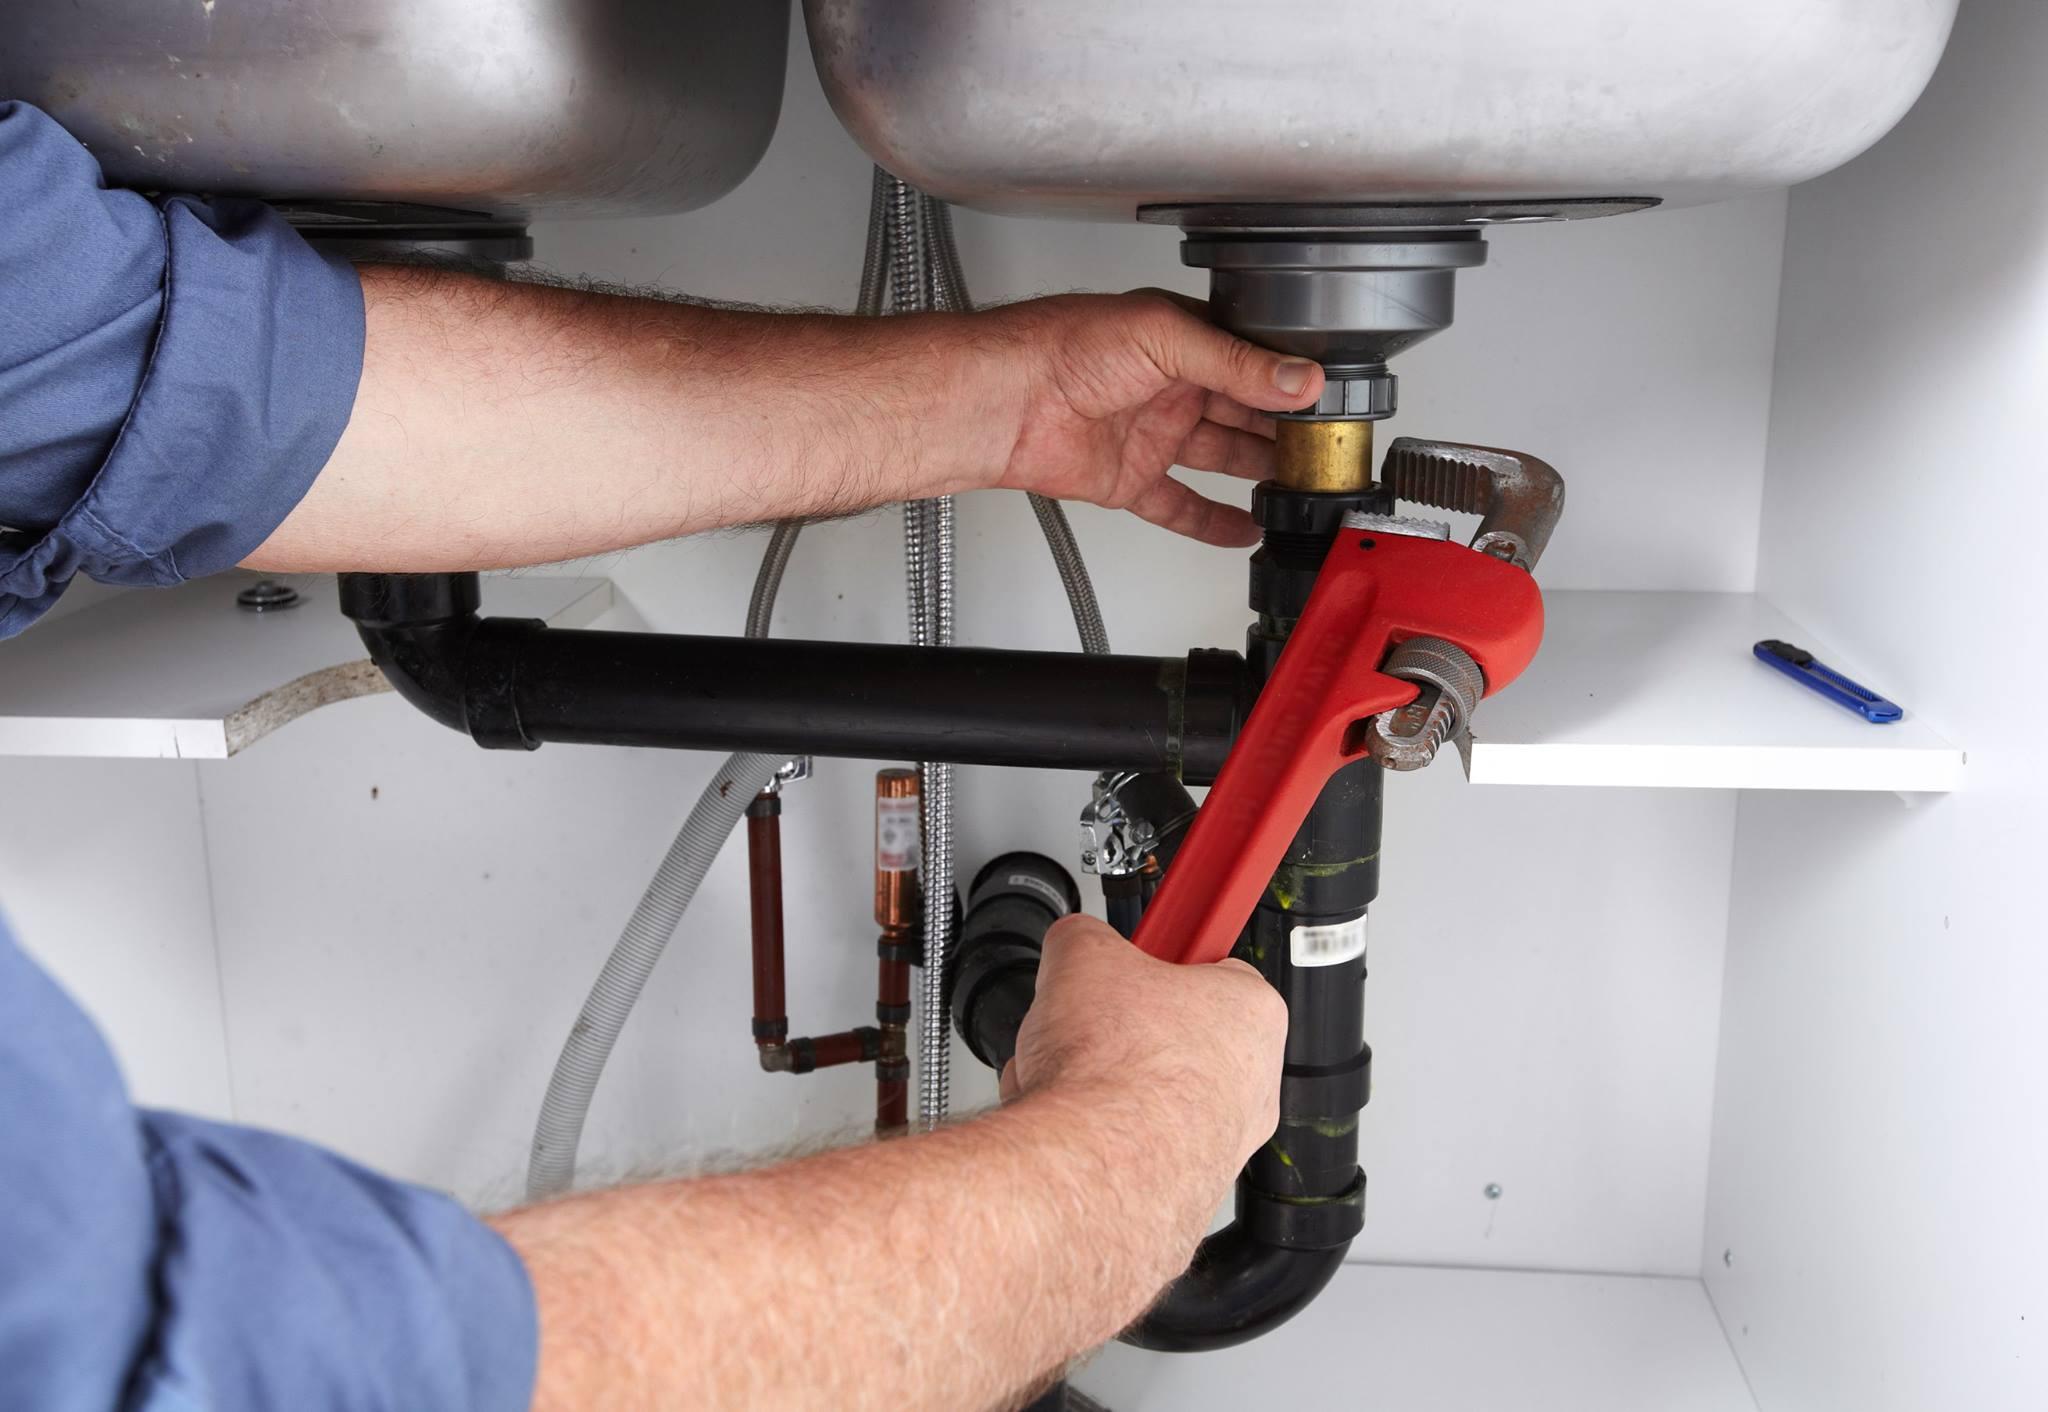 Myrtle Beach Plumbers Water Heater Repair Drains Garbage Disposals Pipes